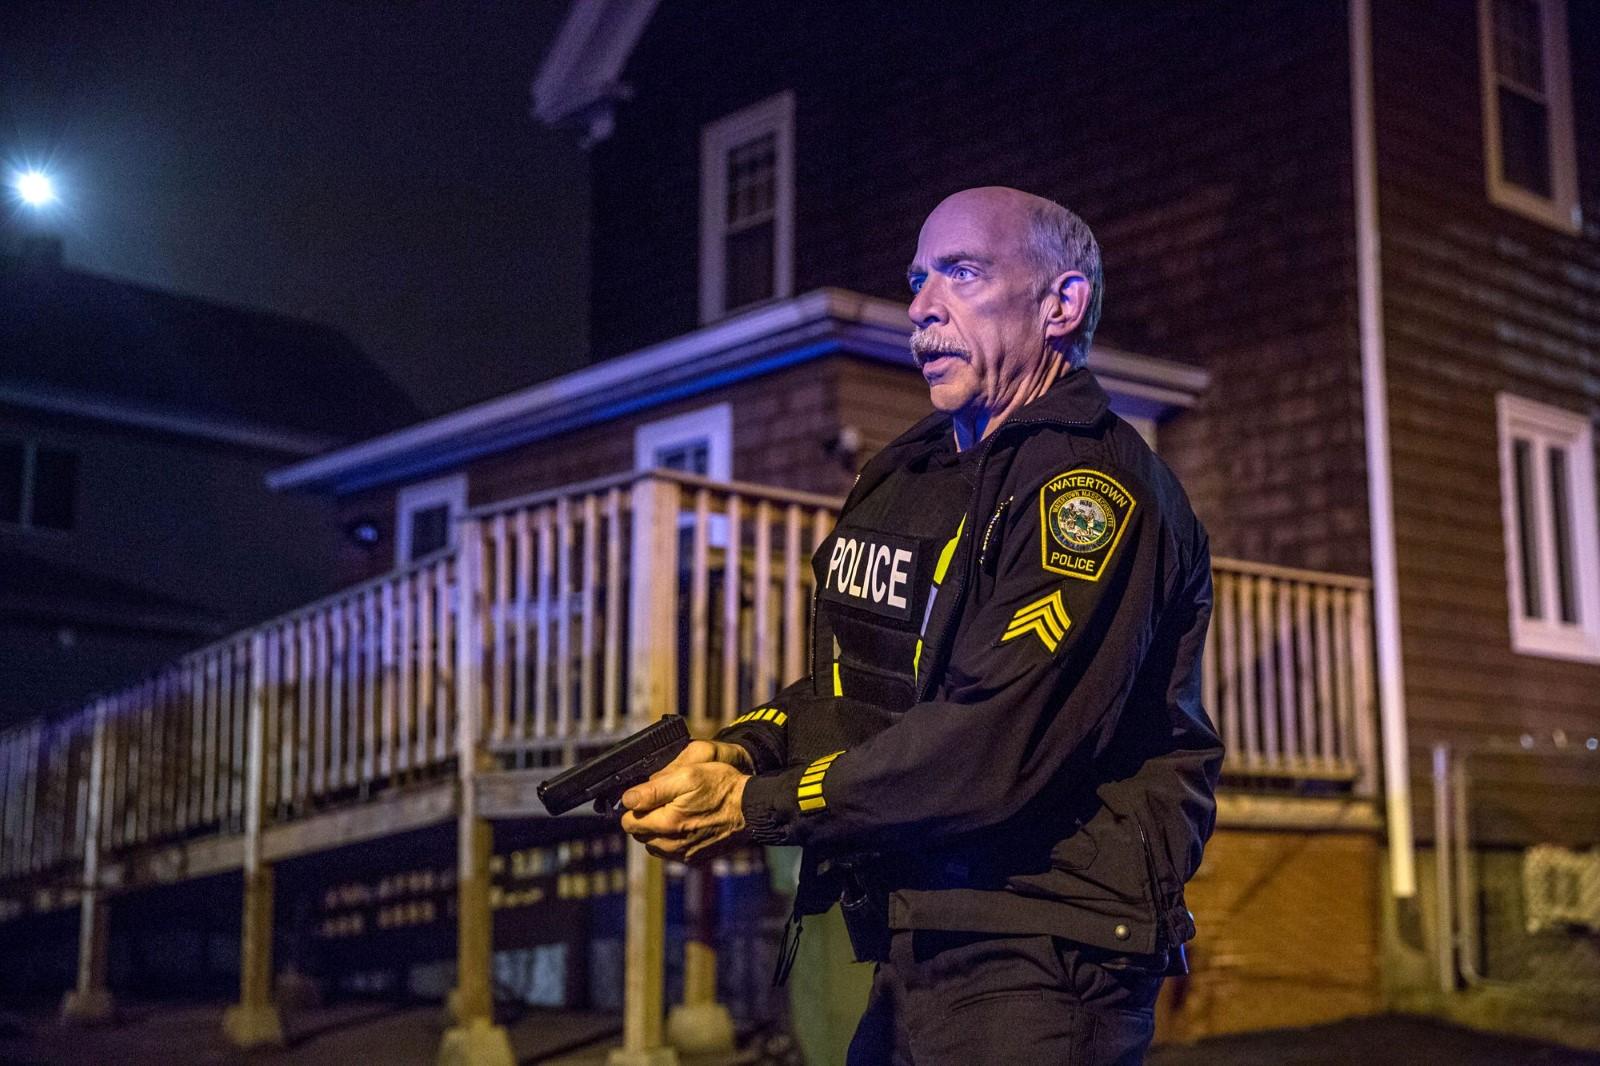 Für Sergeant Jeffrey Pugliese (J.K. Simmons) ist es eine Frage der Ehre, die Attentäter auch unter Einsatz seines Lebens zu stellen